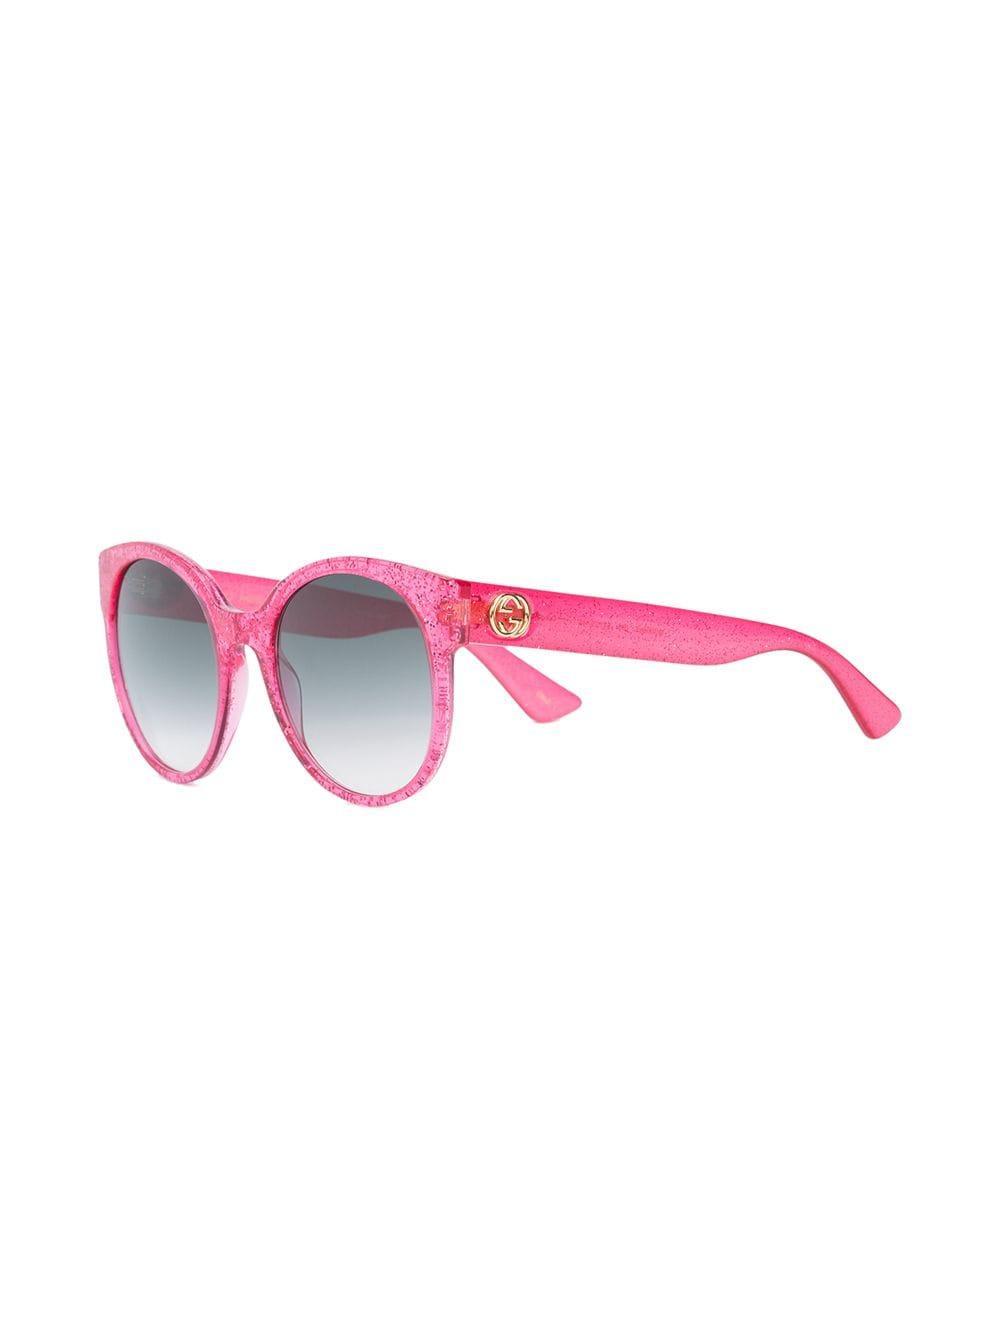 5a0ca47ff1e7 Gucci - Pink Round-frame Glitter Sunglasses - Lyst. View fullscreen